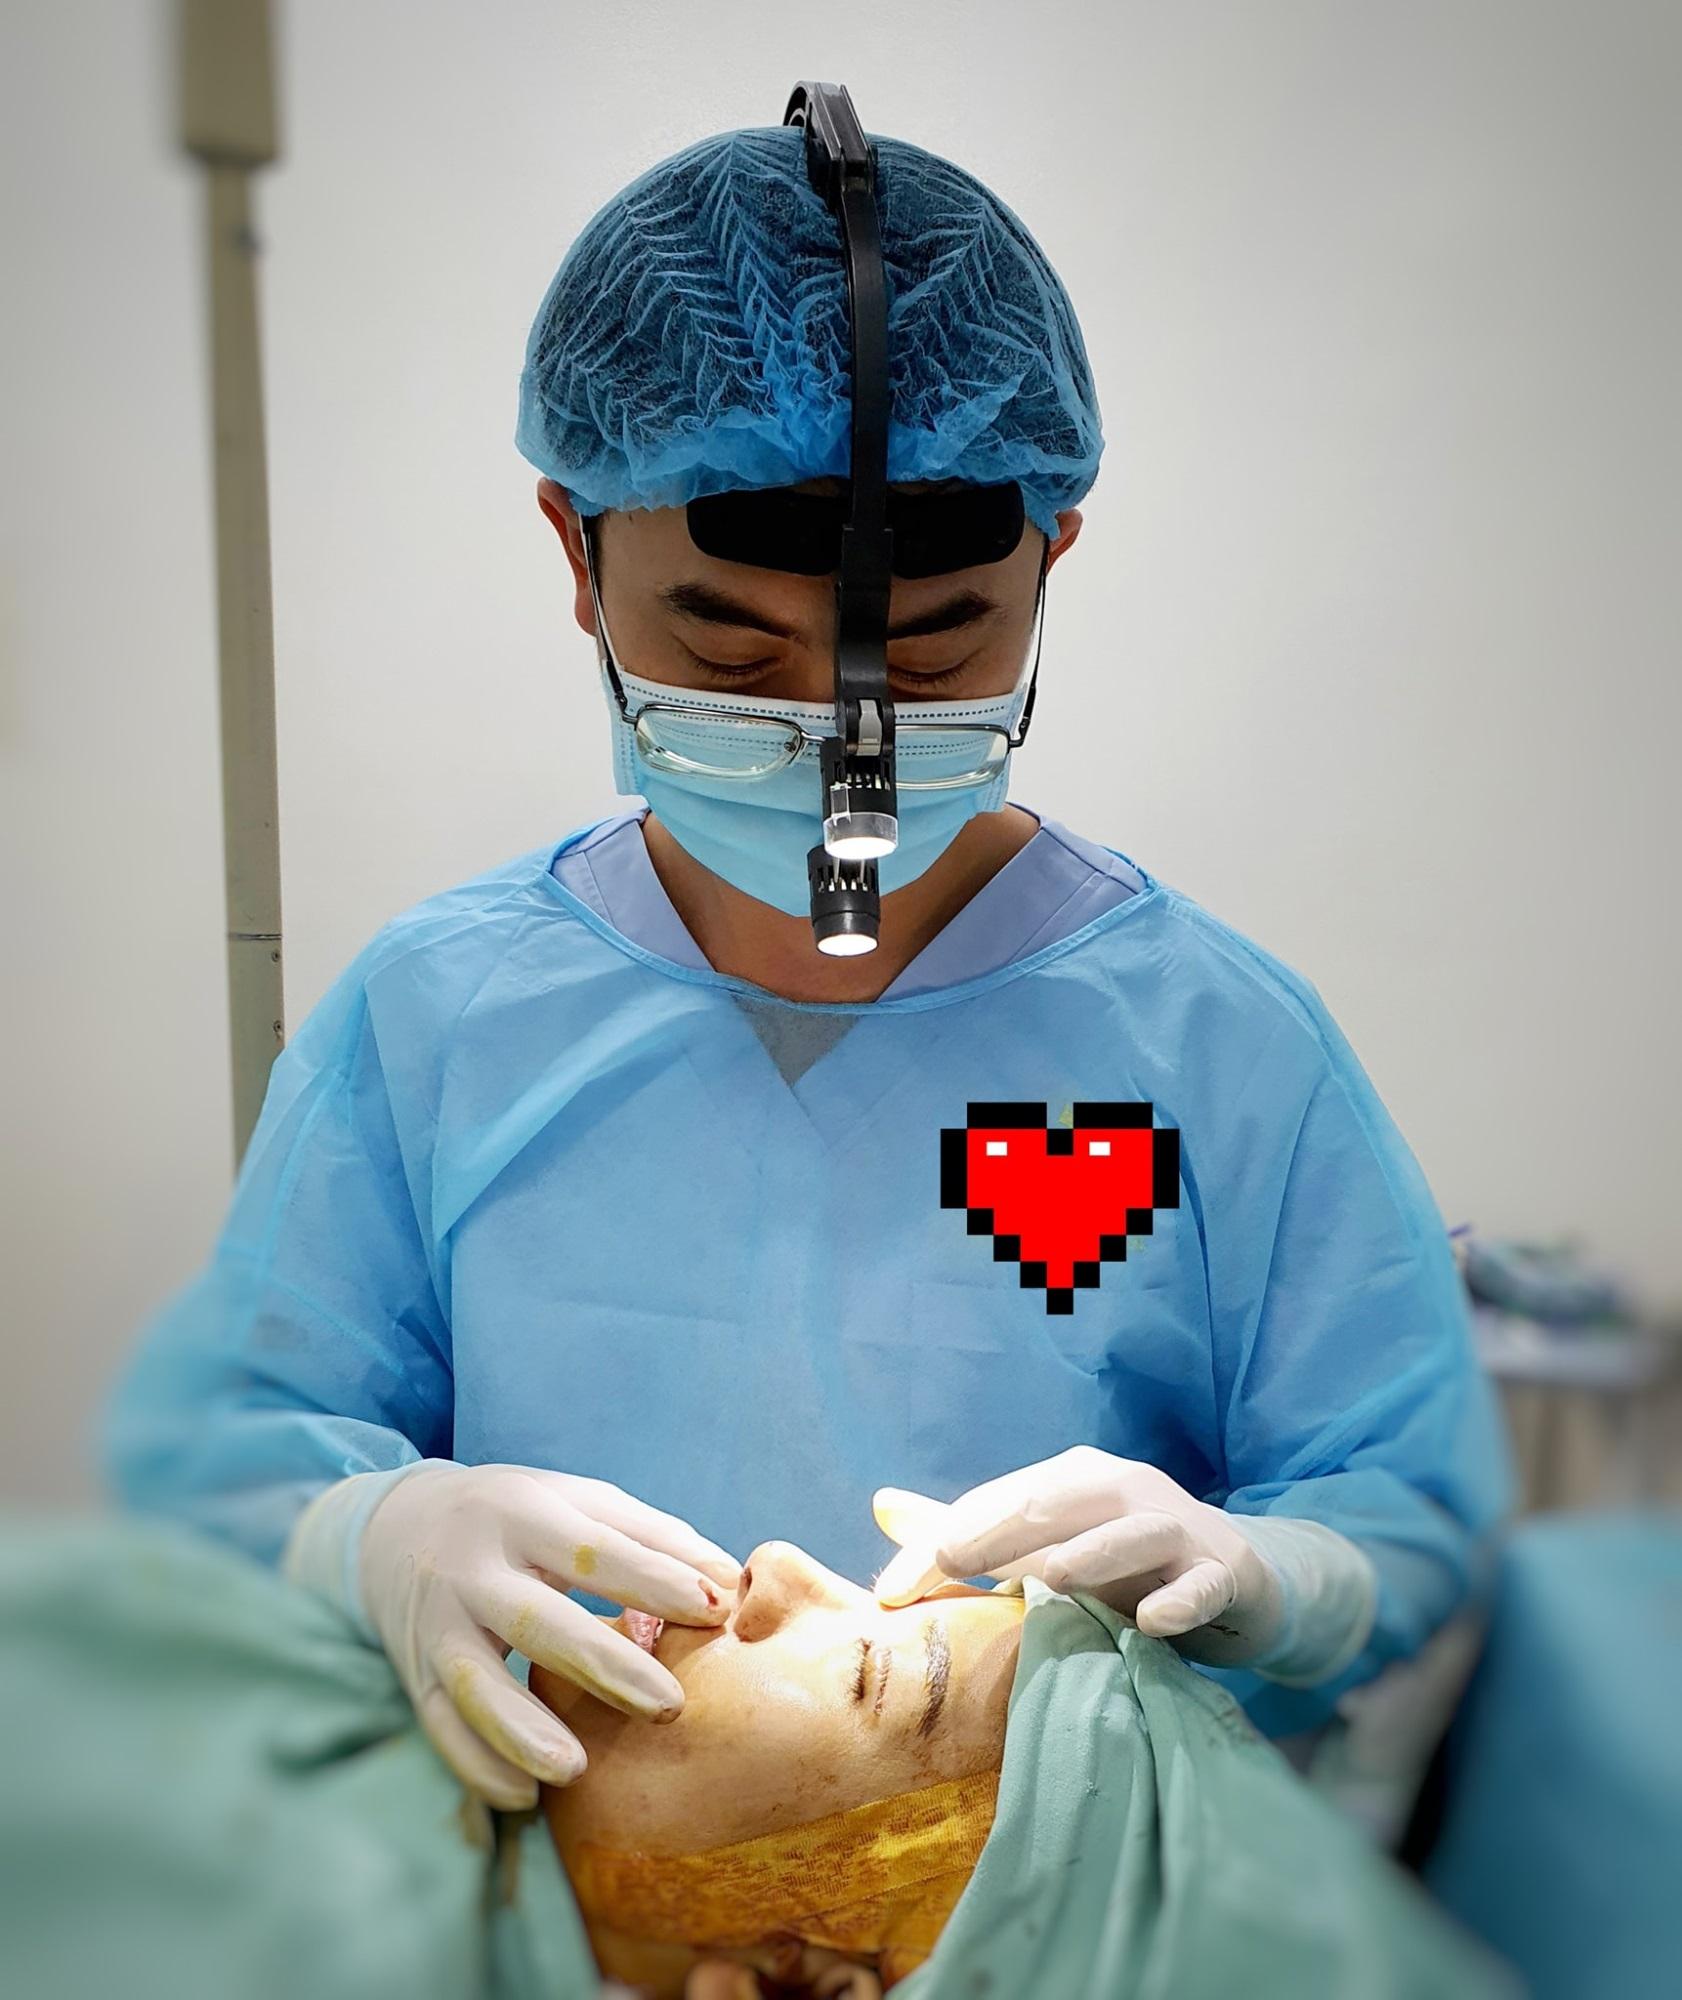 """TP.HCM bắt quả tang một bác sĩ chưa có chứng chỉ hành nghề đang tiến hành phẫu thuật… """"dạo"""" - Ảnh 8"""